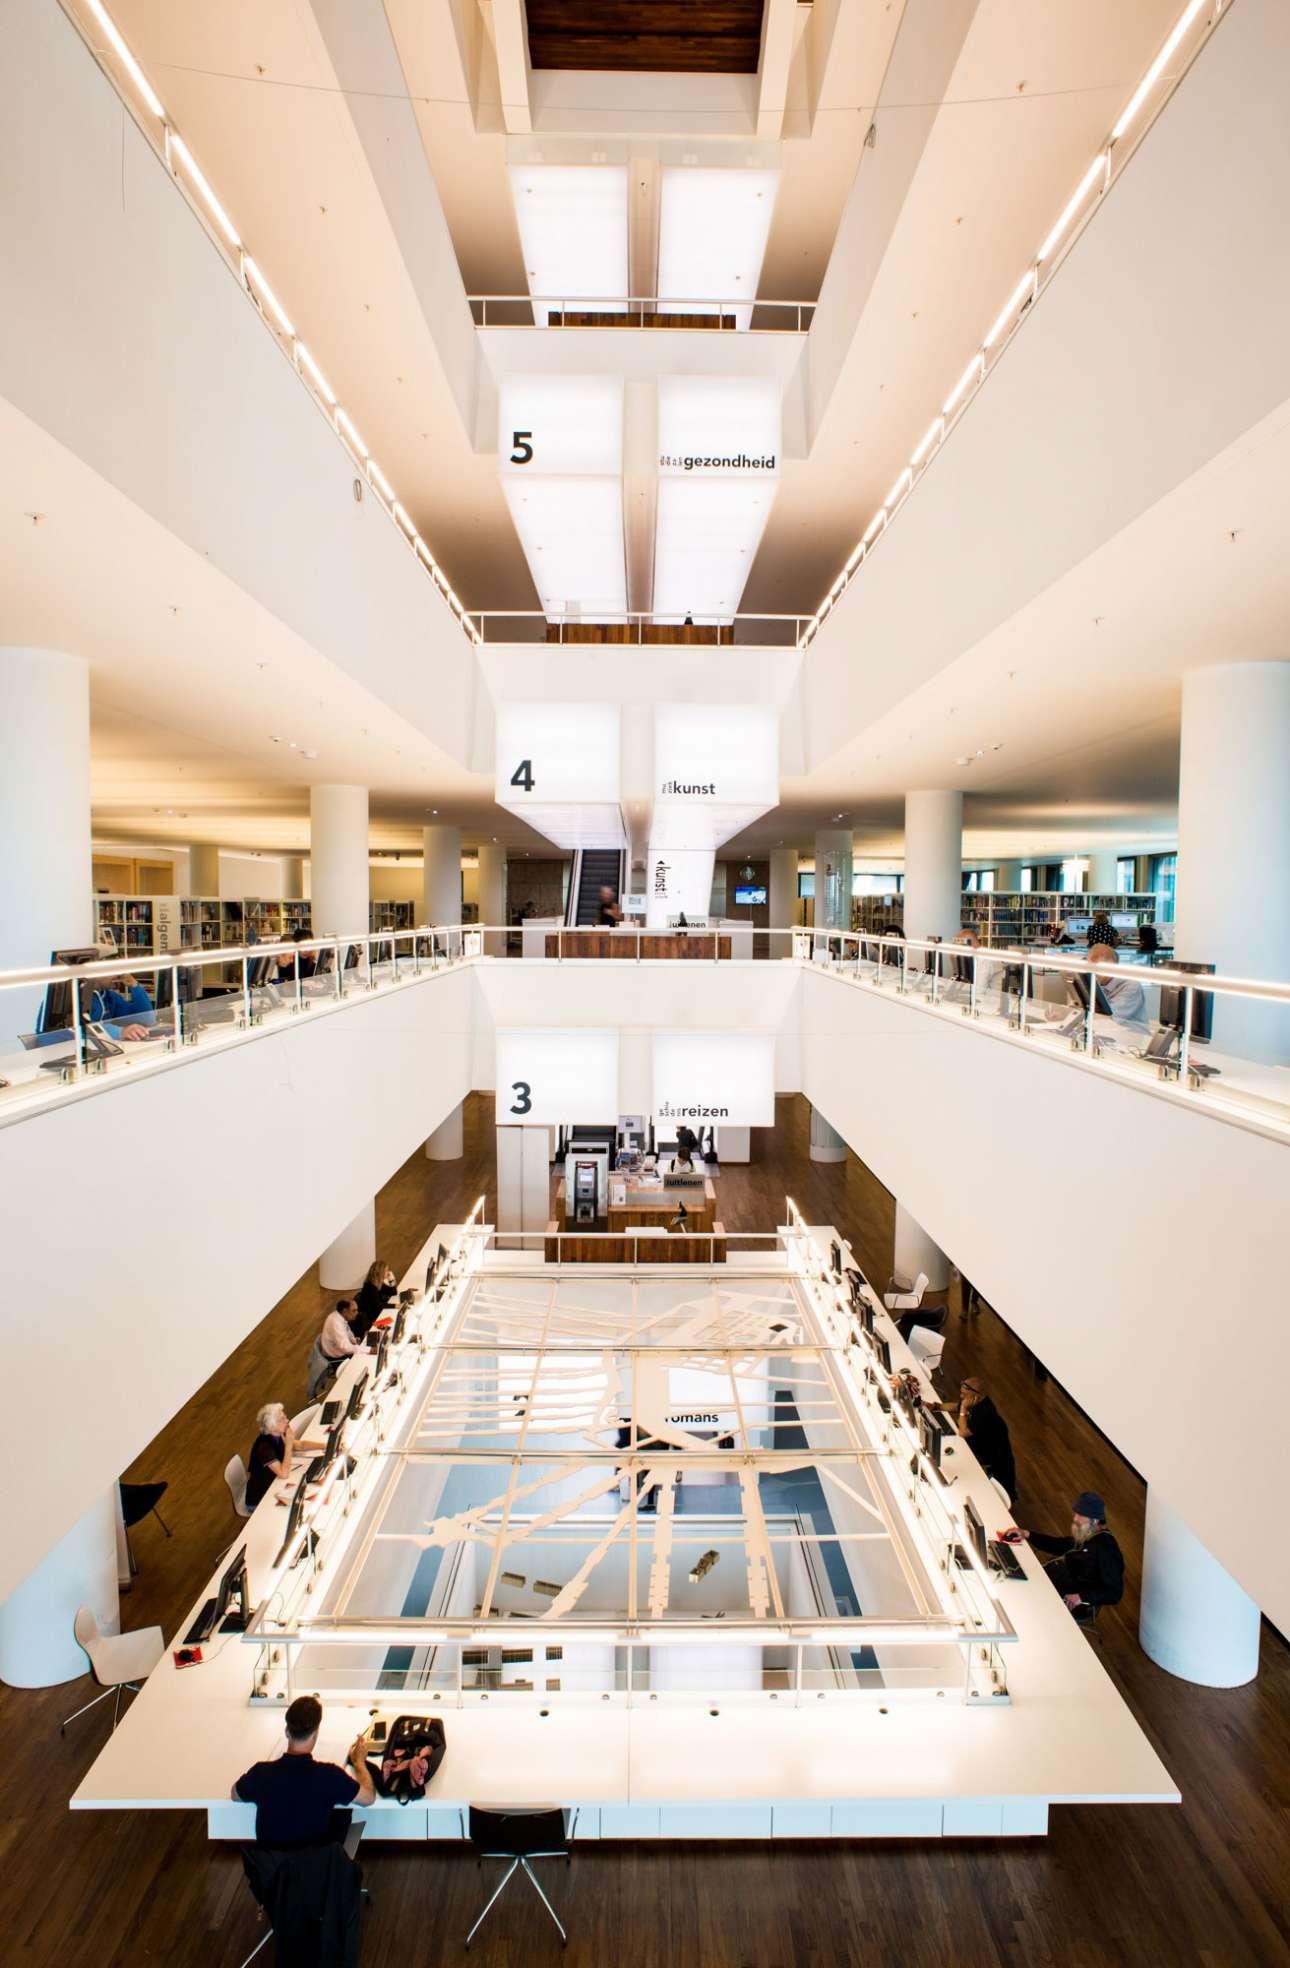 Σύγχρονη αισθητική και design στην κεντρική Δημοτική Βιβλιοθήκη του Αμστερνταμ